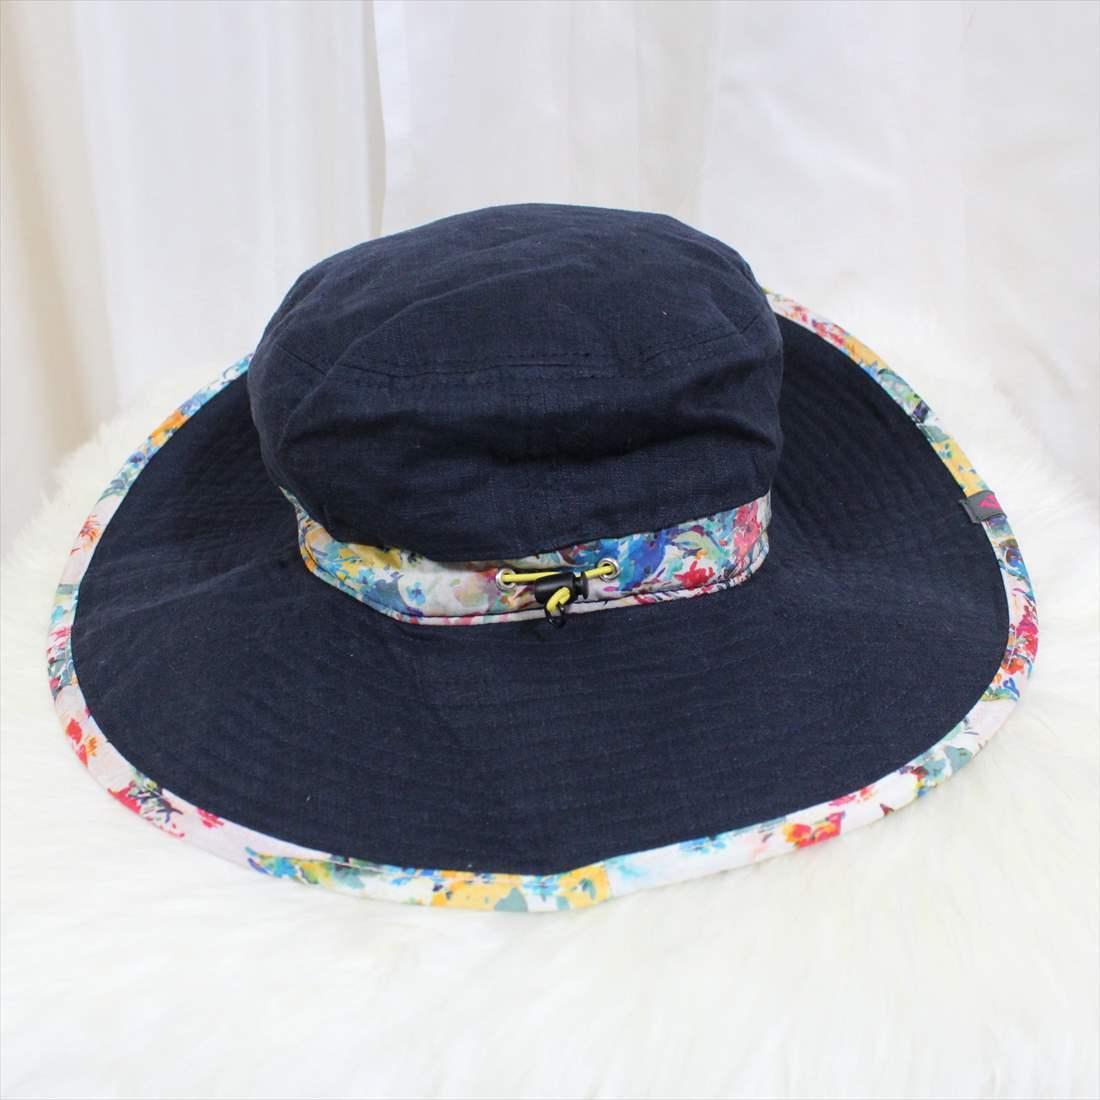 フェニックス phenix 麻 ハット 新品 帽子 BROAD BRIMMED HAT レディース ネイビー PH928HW66 アウトレット_画像3